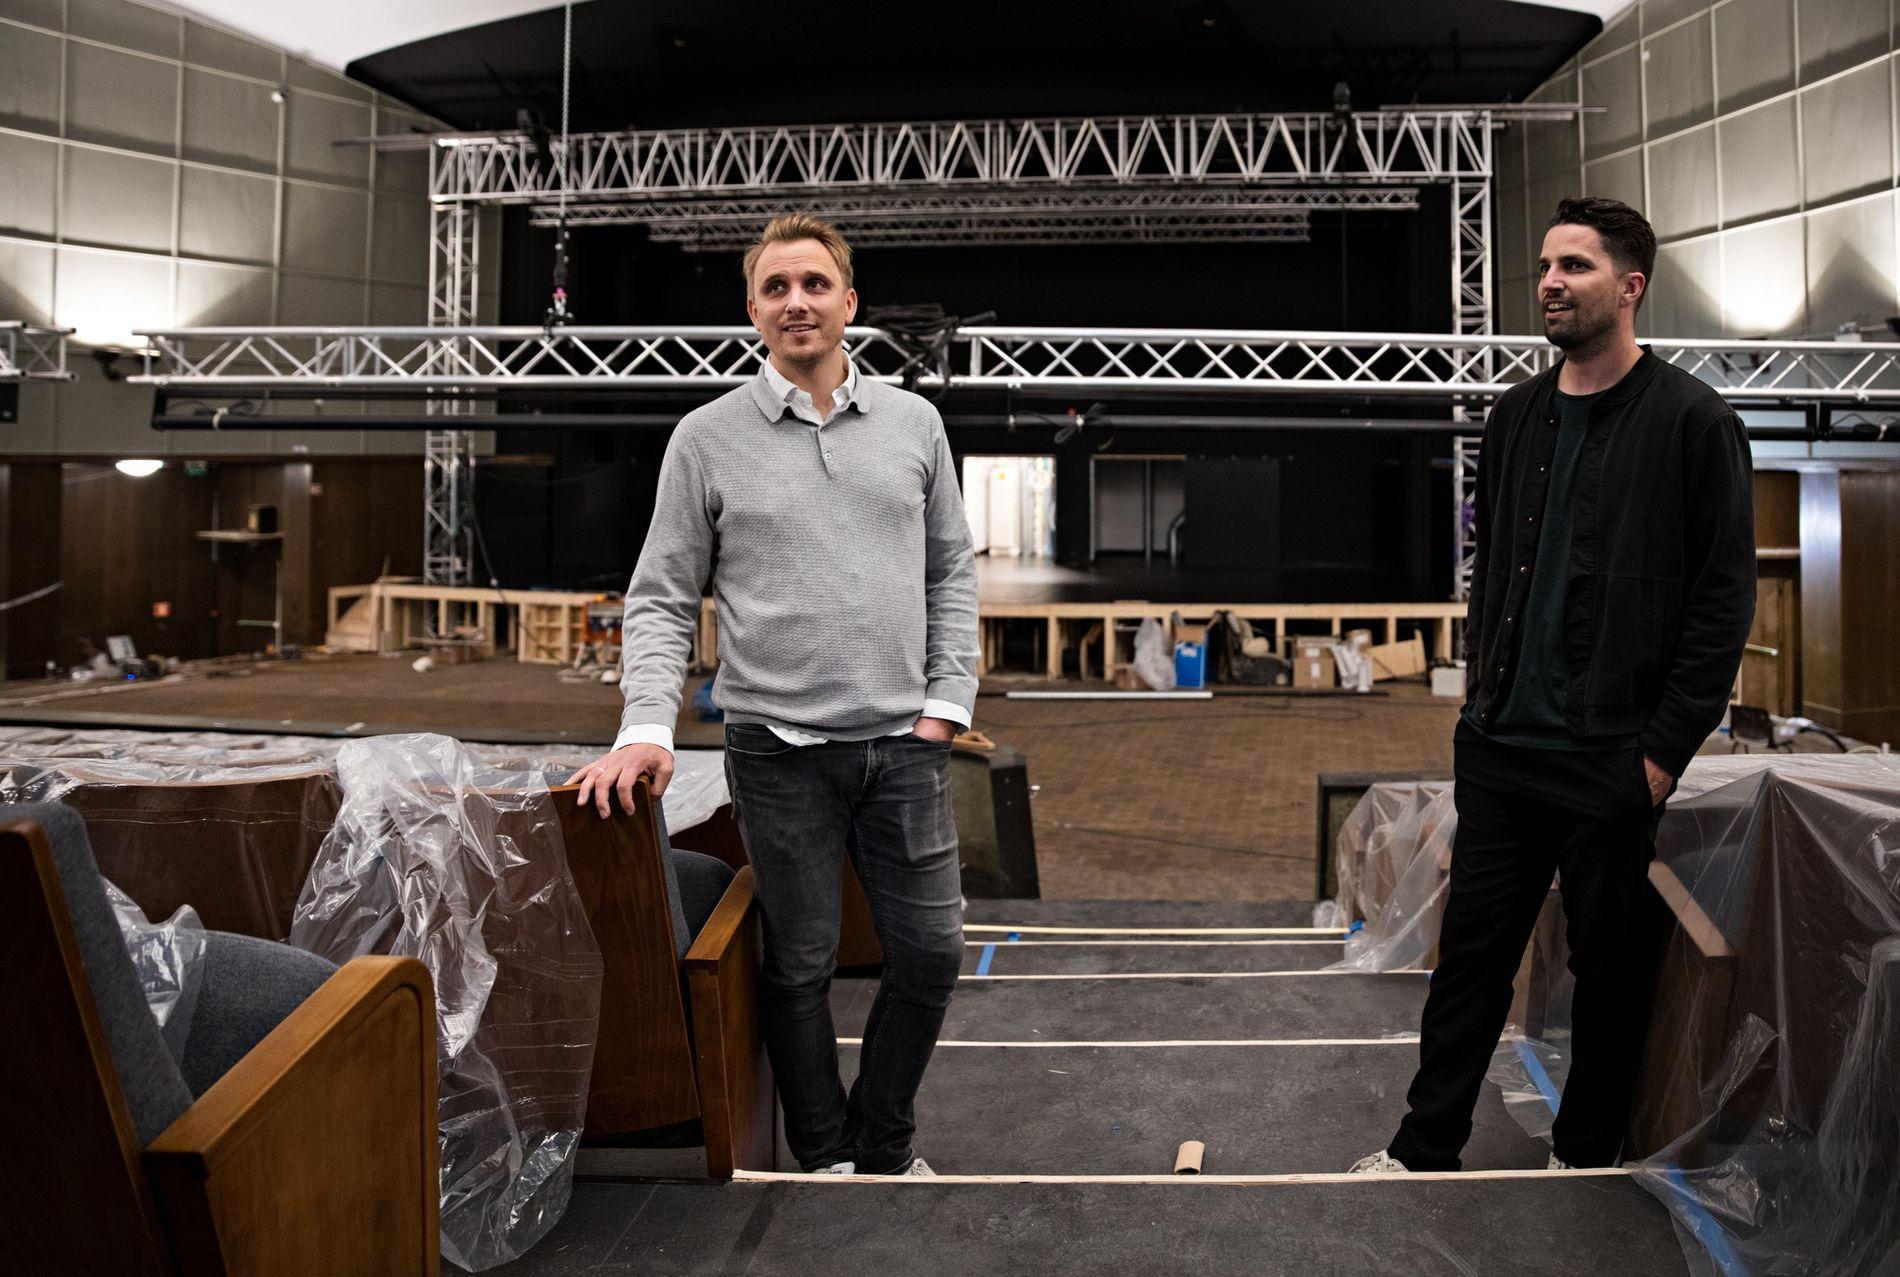 SNART ÅPNINGSFESTIVAL: Haavard Monsen (til v.) i Liveon AS og Ruben Nesse i Brilliance Live holder på å gjøre klart til Forum Scenes åpningsfestival, som arrangeres 29. til 31. august.